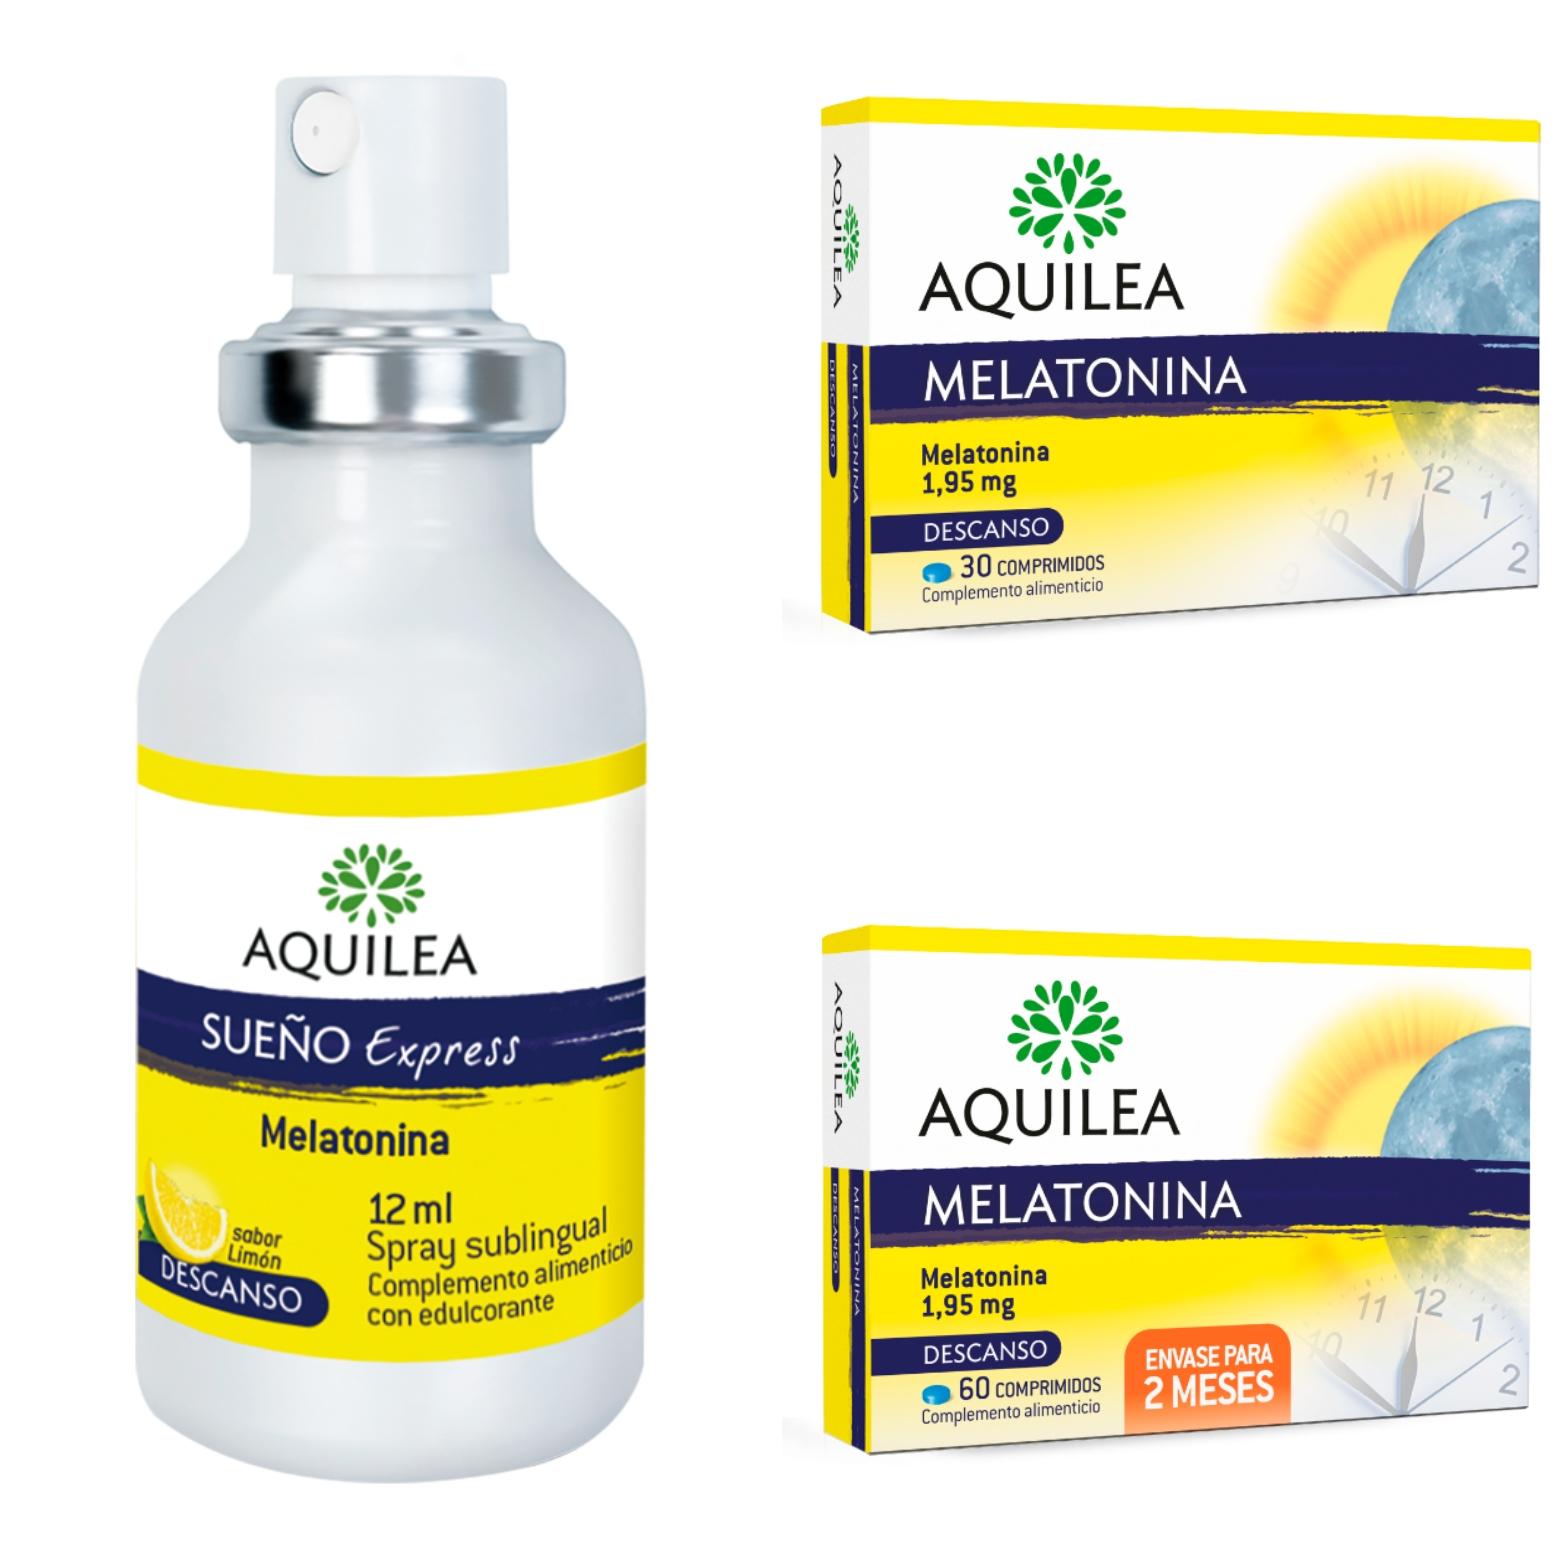 Complemento alimenticio con melatonina, de Aquilea